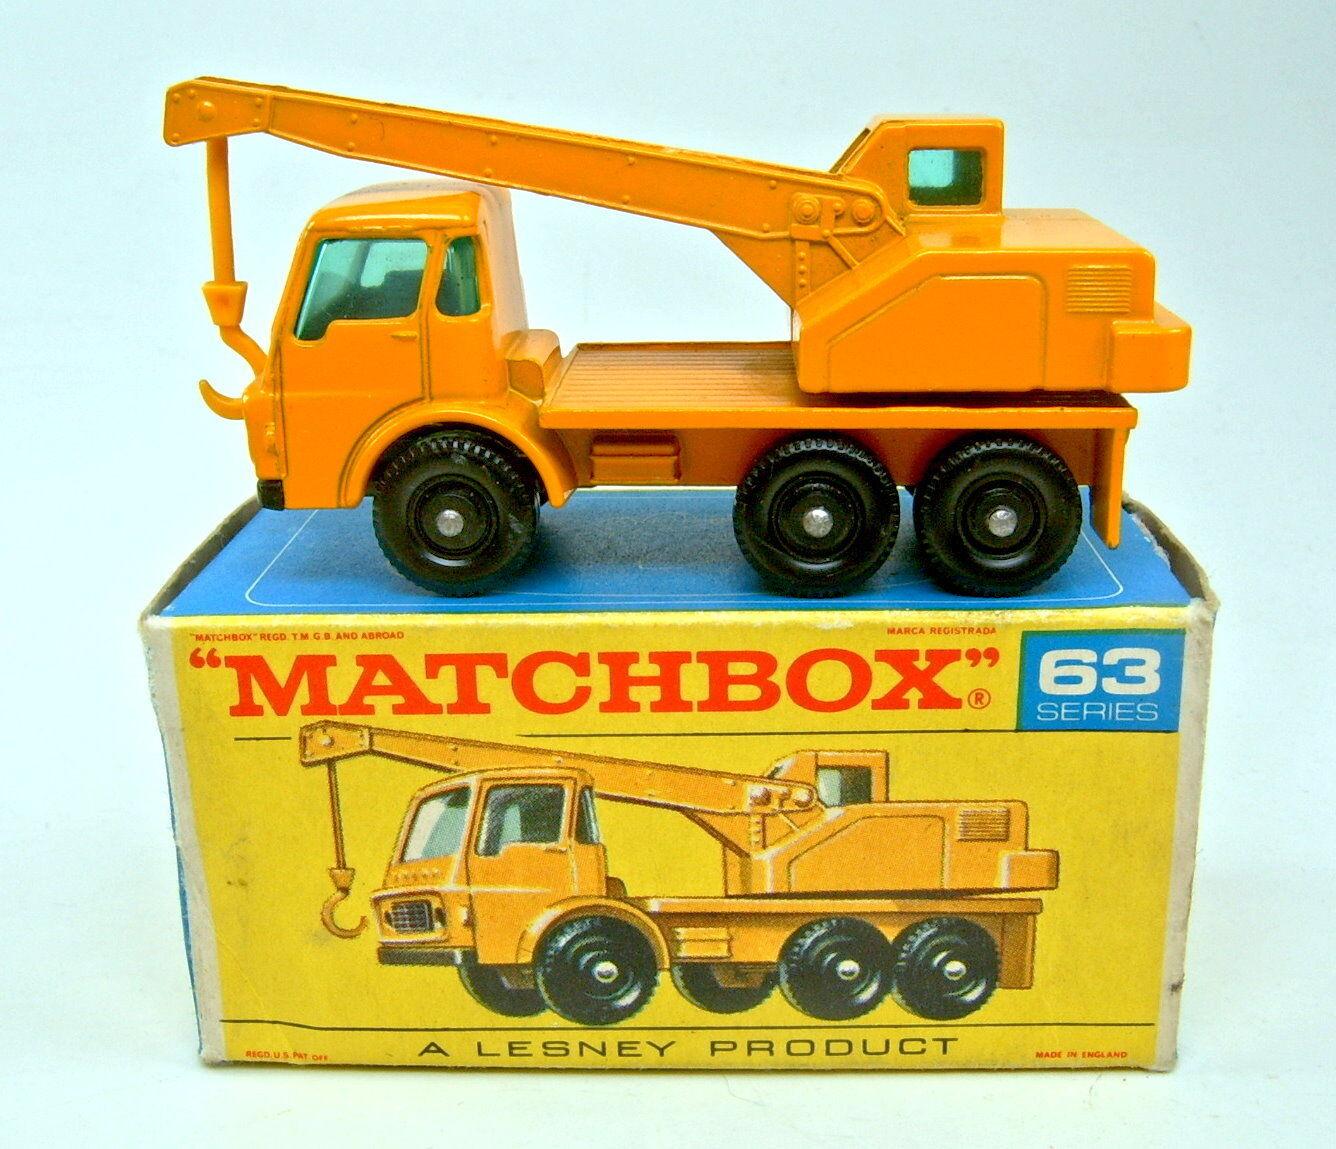 con 60% de descuento Matchbox RW 63c Dodge Crane camión camión camión amarillo gancho Top en  F  box  se descuenta